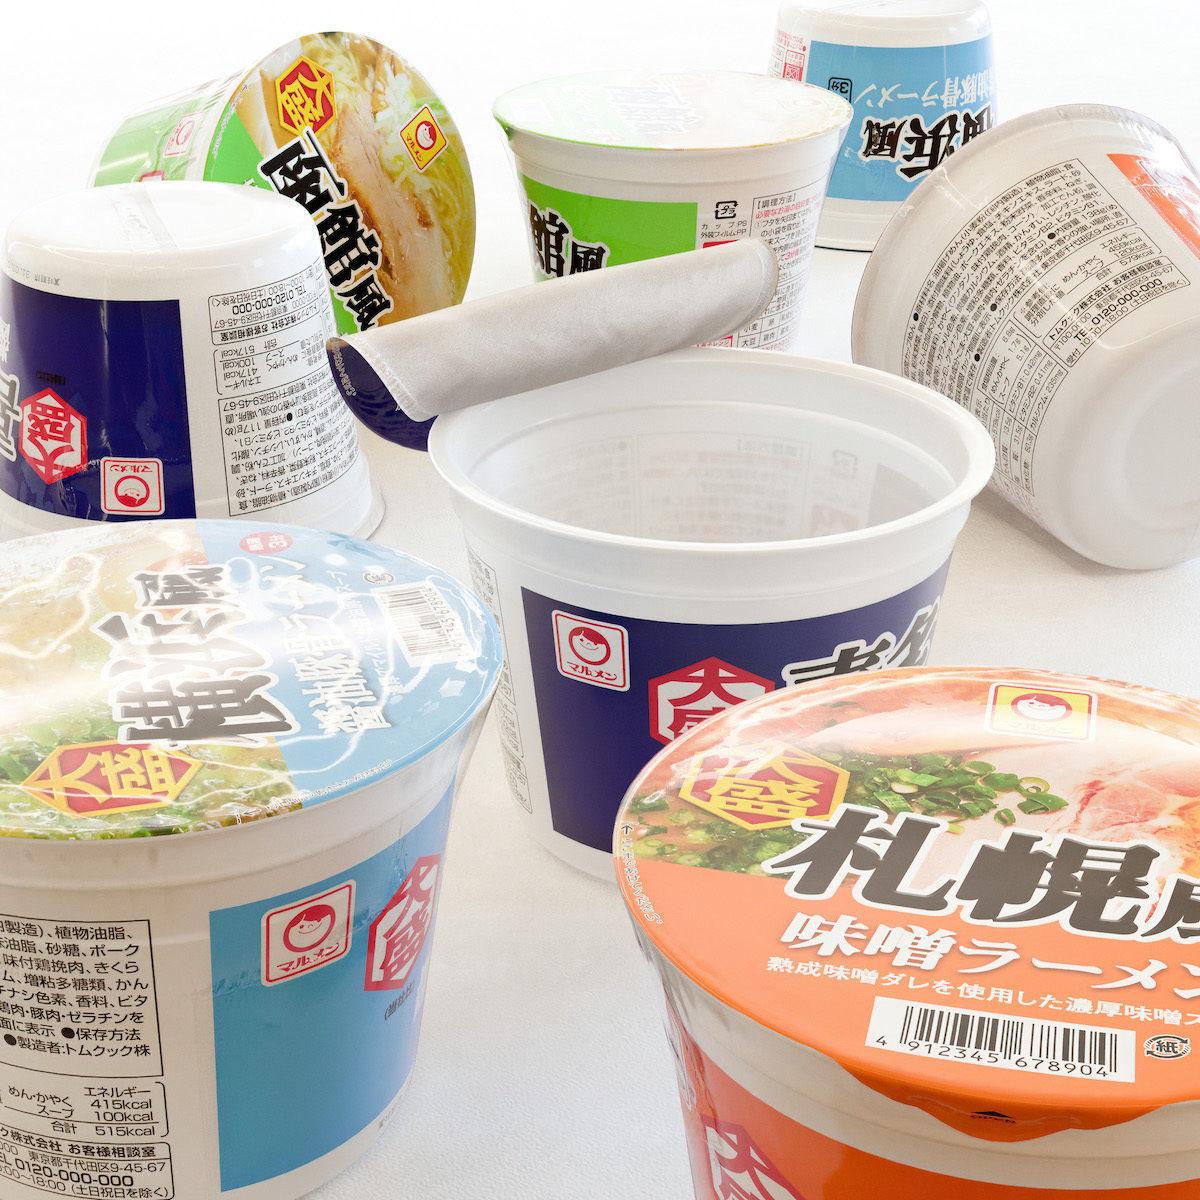 Instant cup noodle - Large